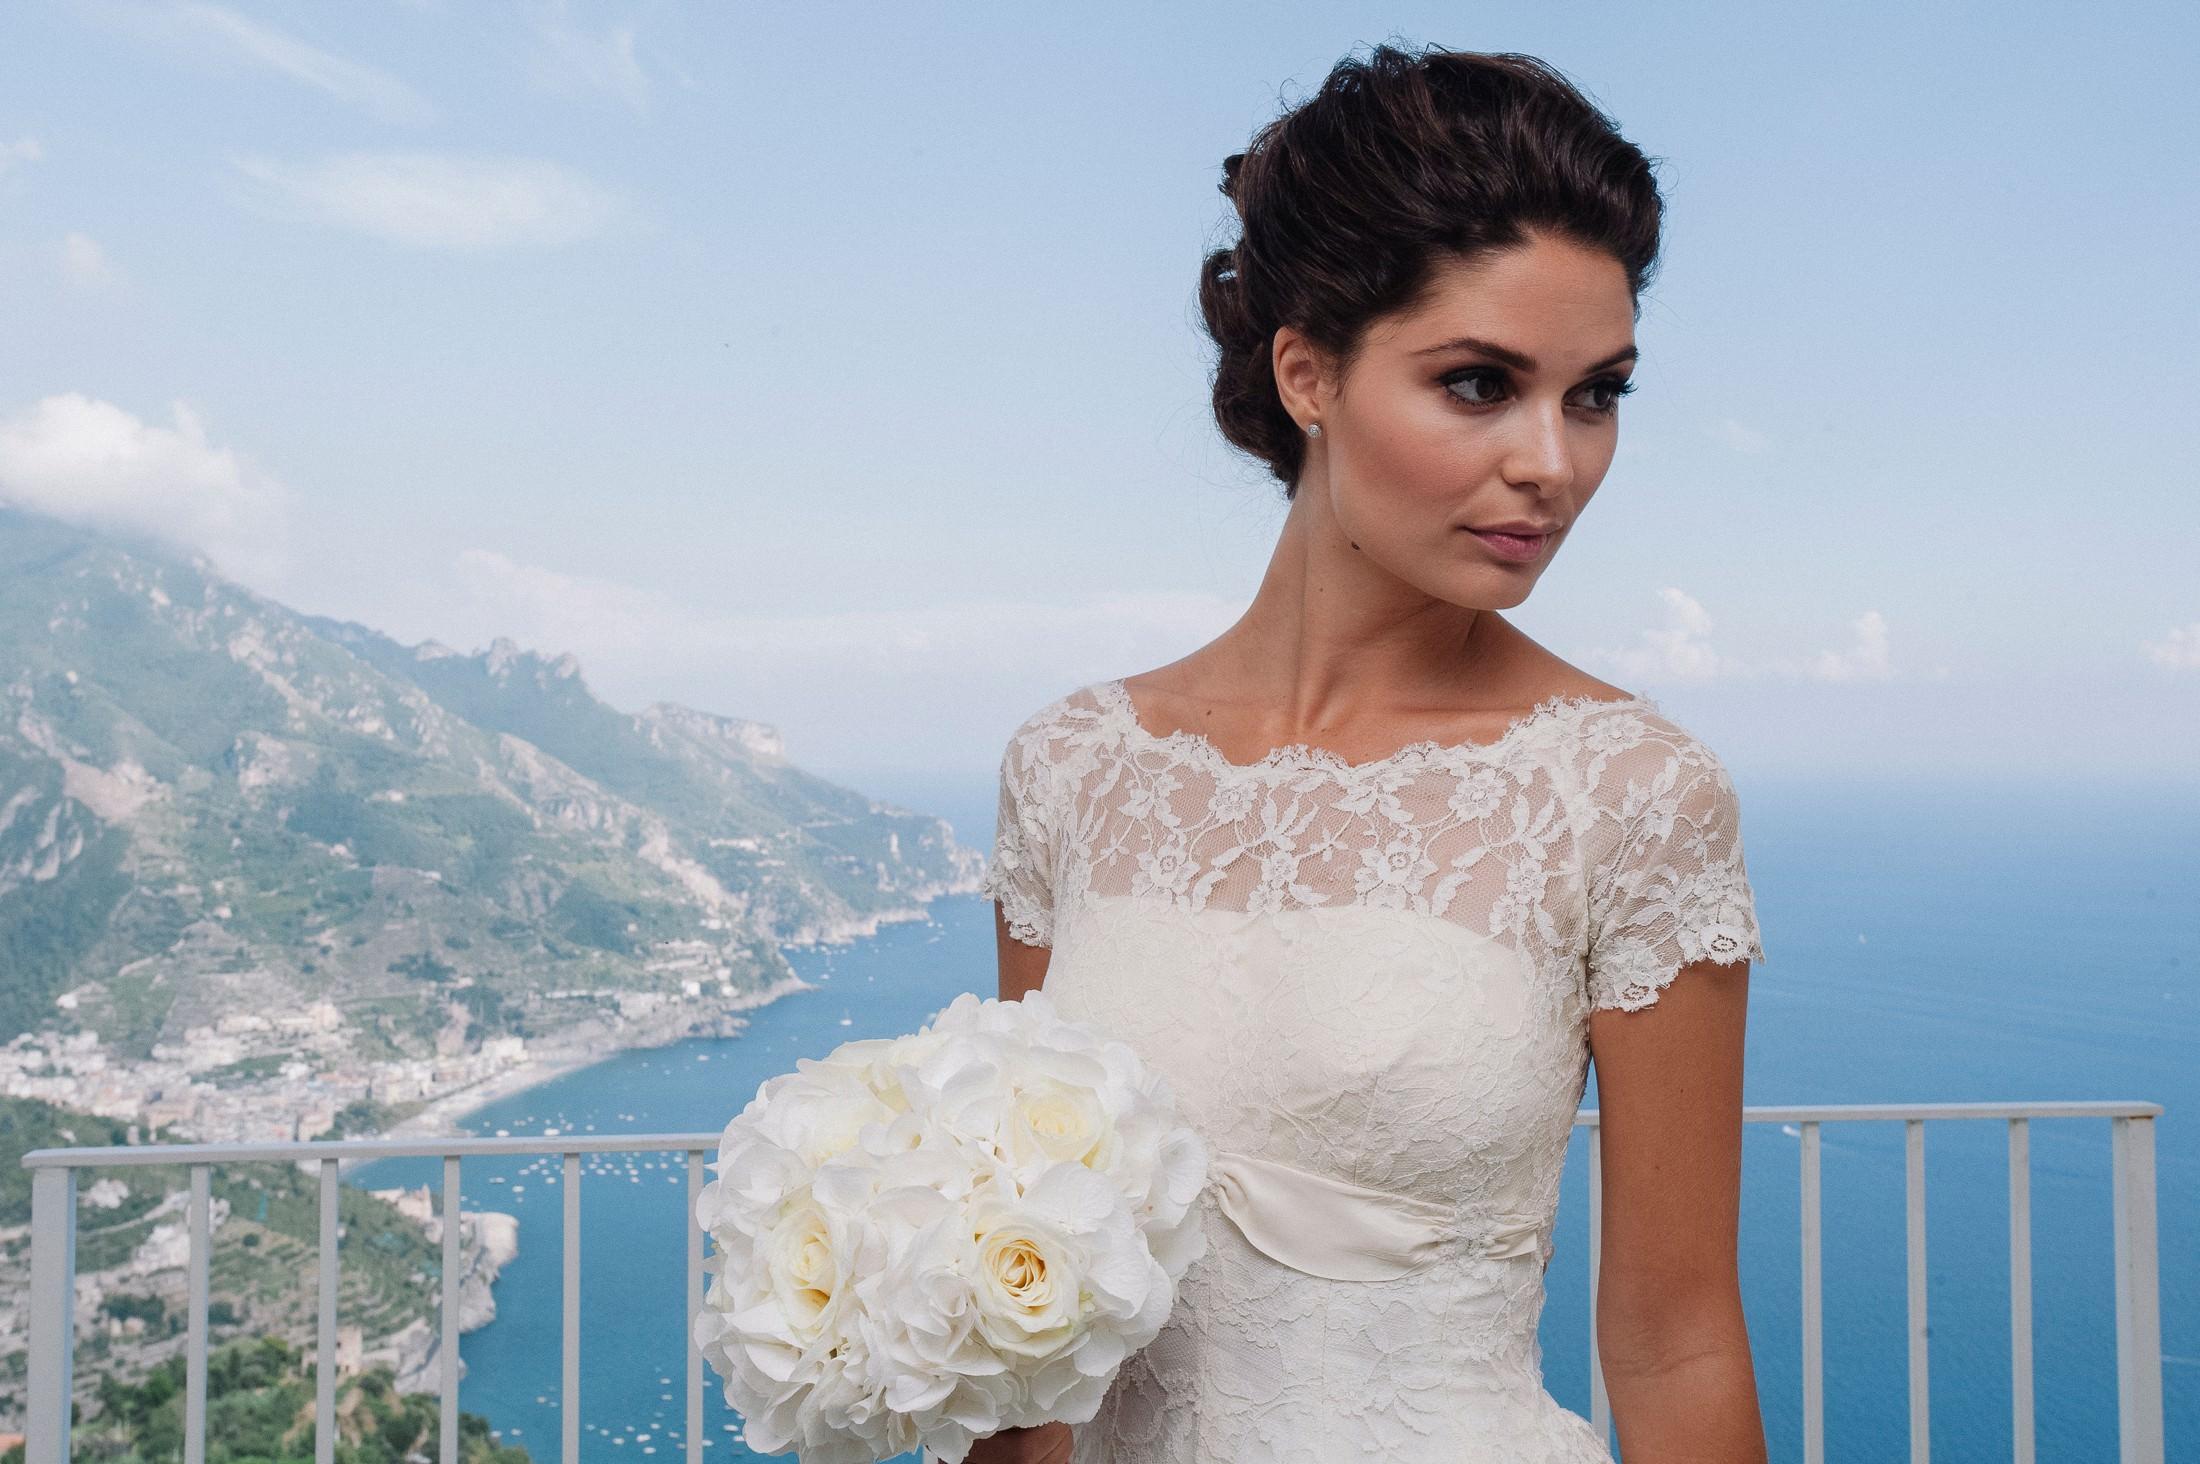 gianni di natale bride's portrait on the balcony in ravello